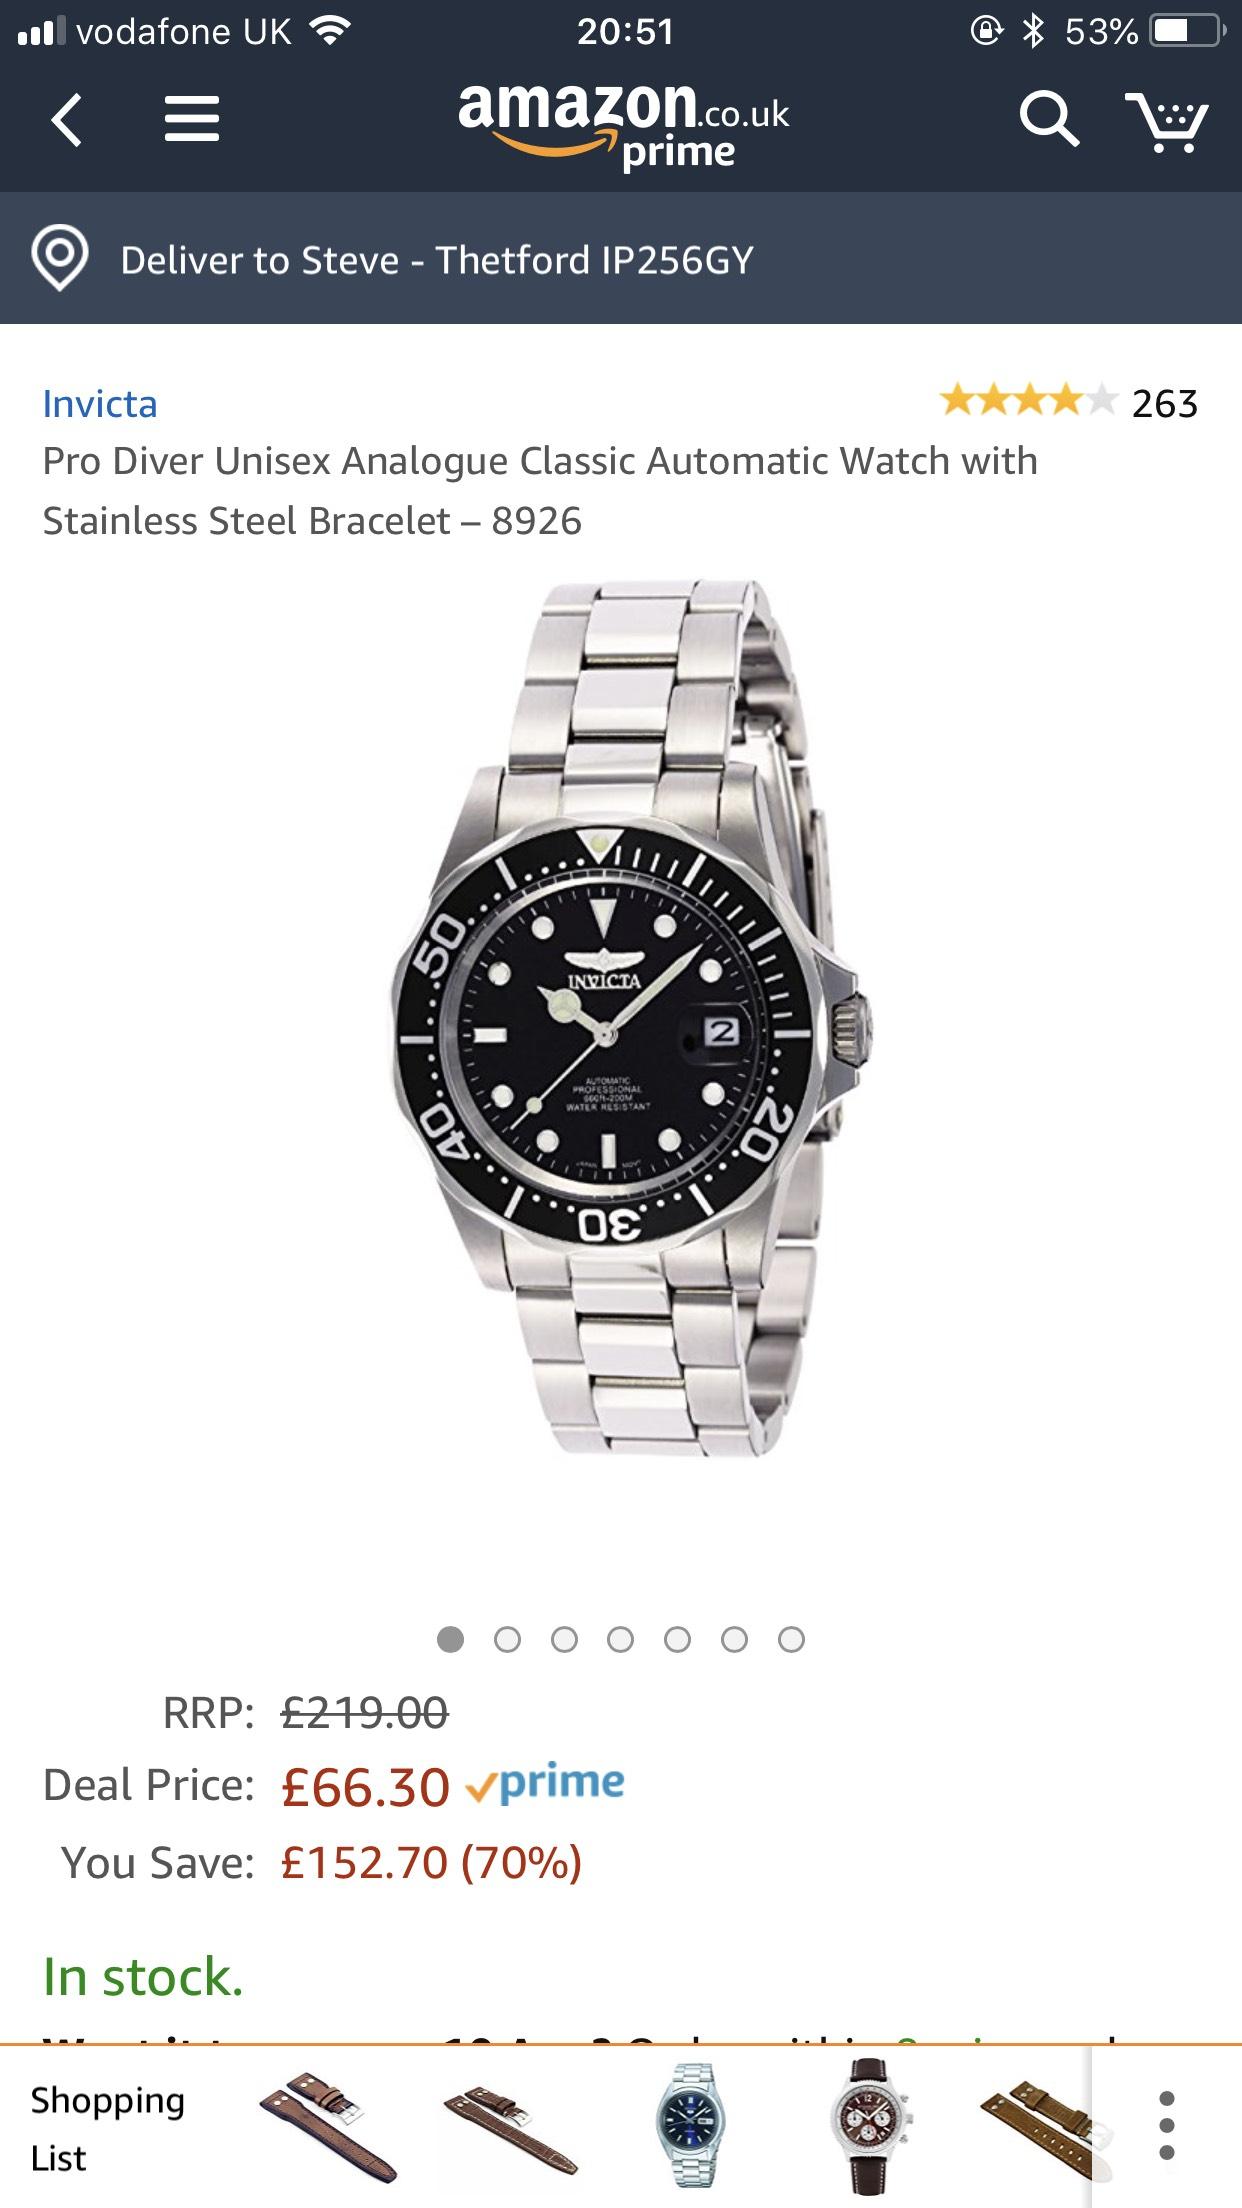 Invicta Pro Diver Automatic Mens Watch £66.30 at Amazon